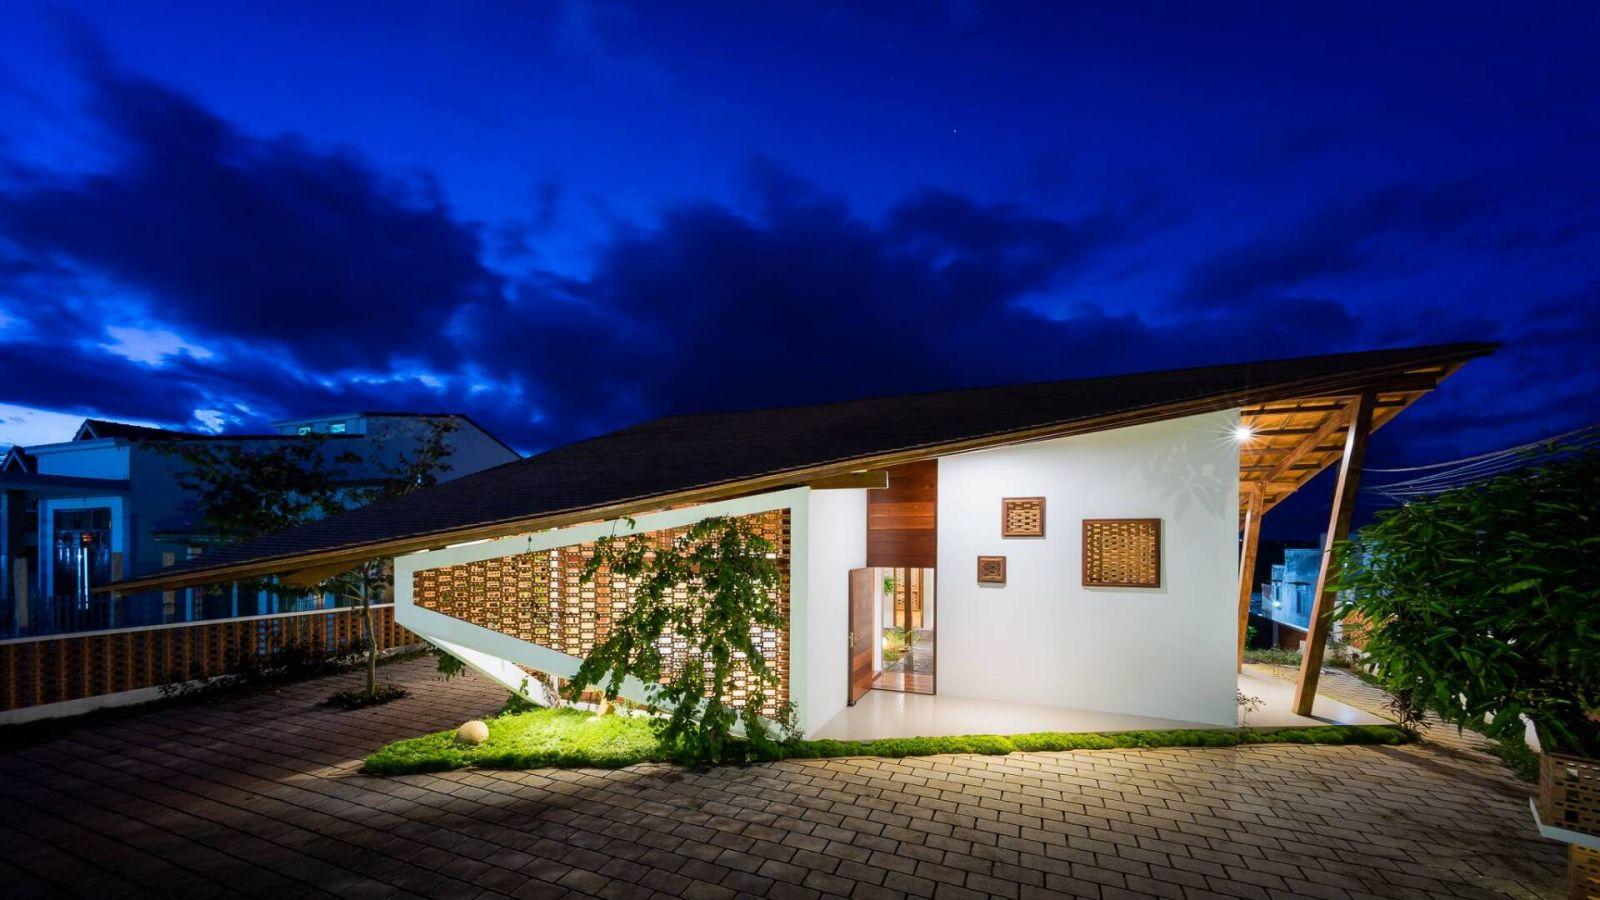 Thiết kế nhà mặt tiền cho nhà 1 tầng đẹp, ấn tượng với mái hiên dốc